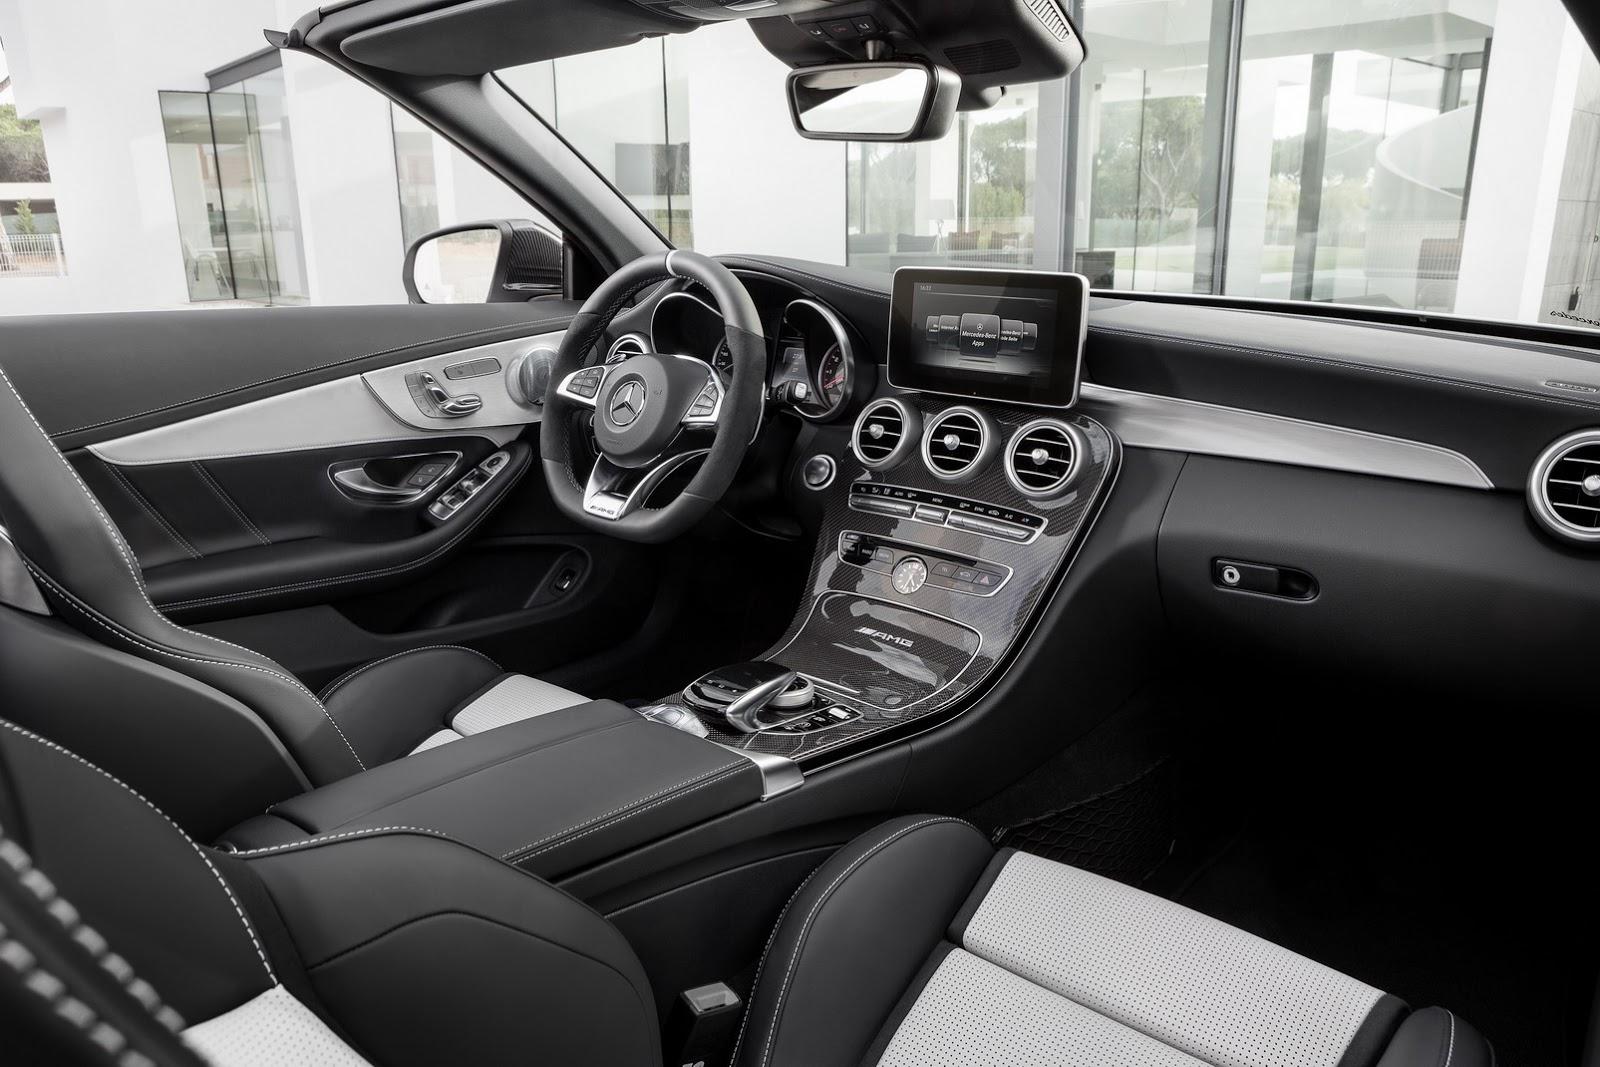 Mercedes-AMG C63 Cabriolet: La capota fuera y los 510 CV fuera 5